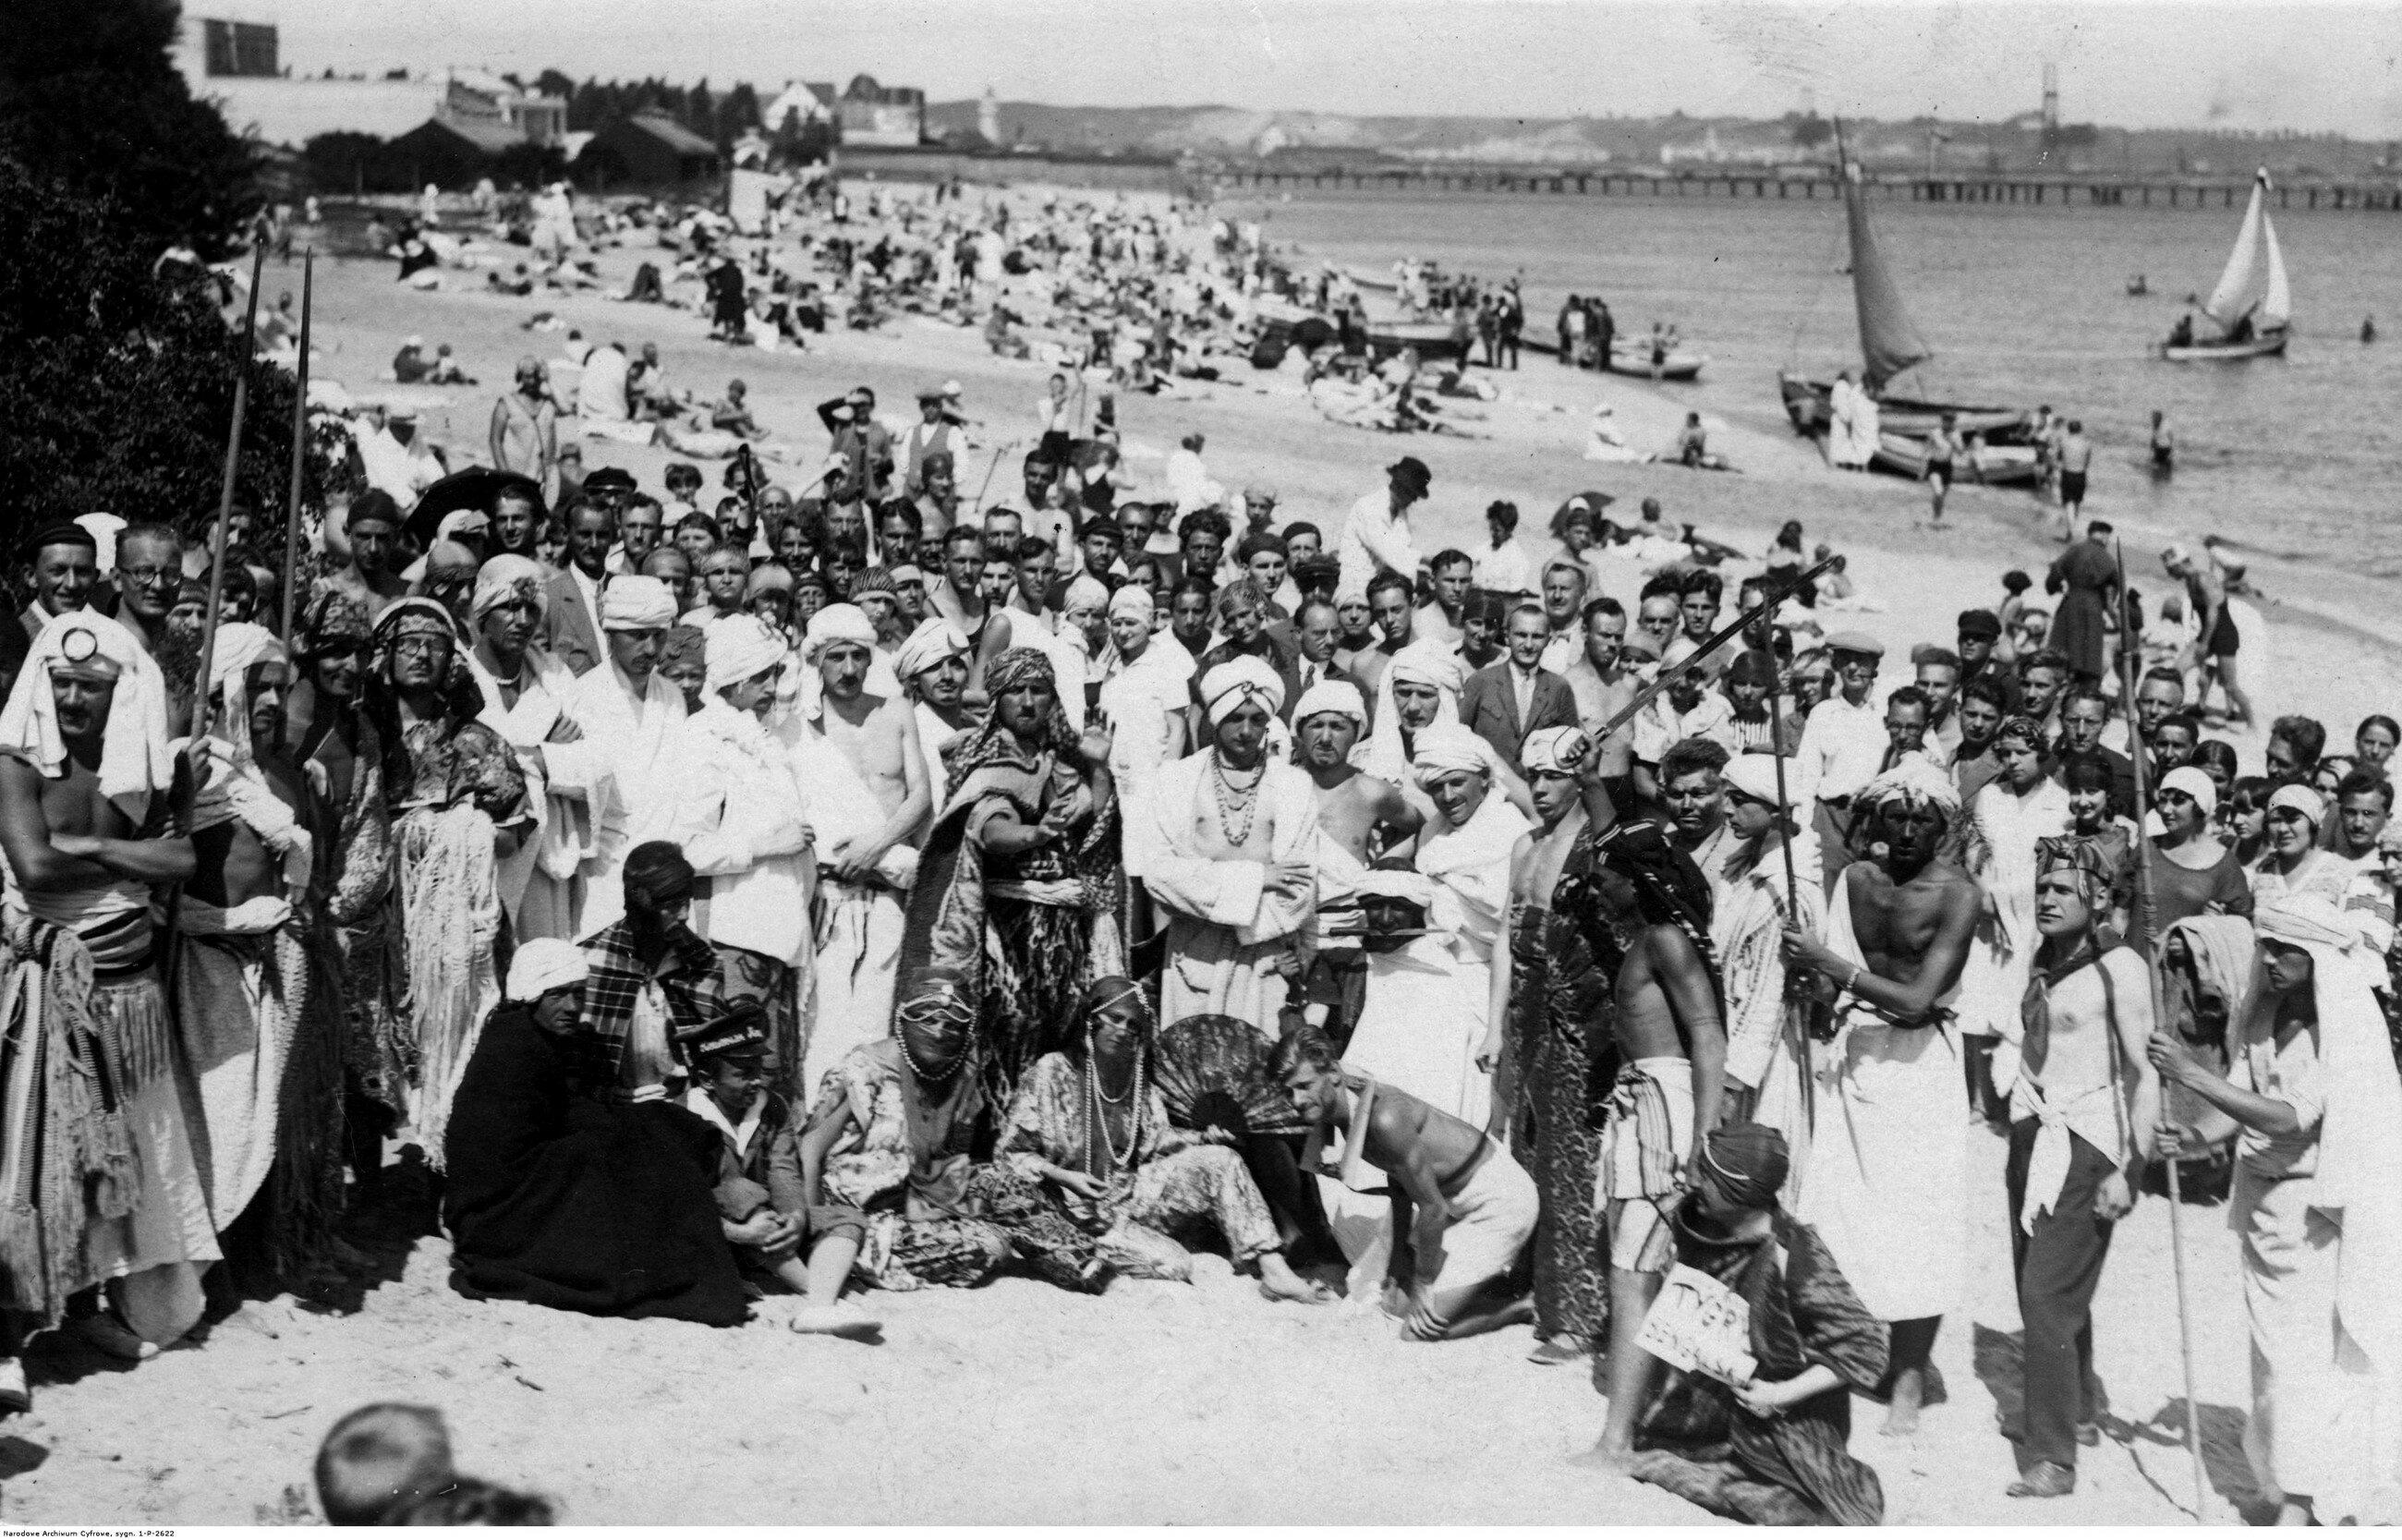 Gdynia 1927 r. Uczestnicy balu maskowego na plaży w Gdyni.